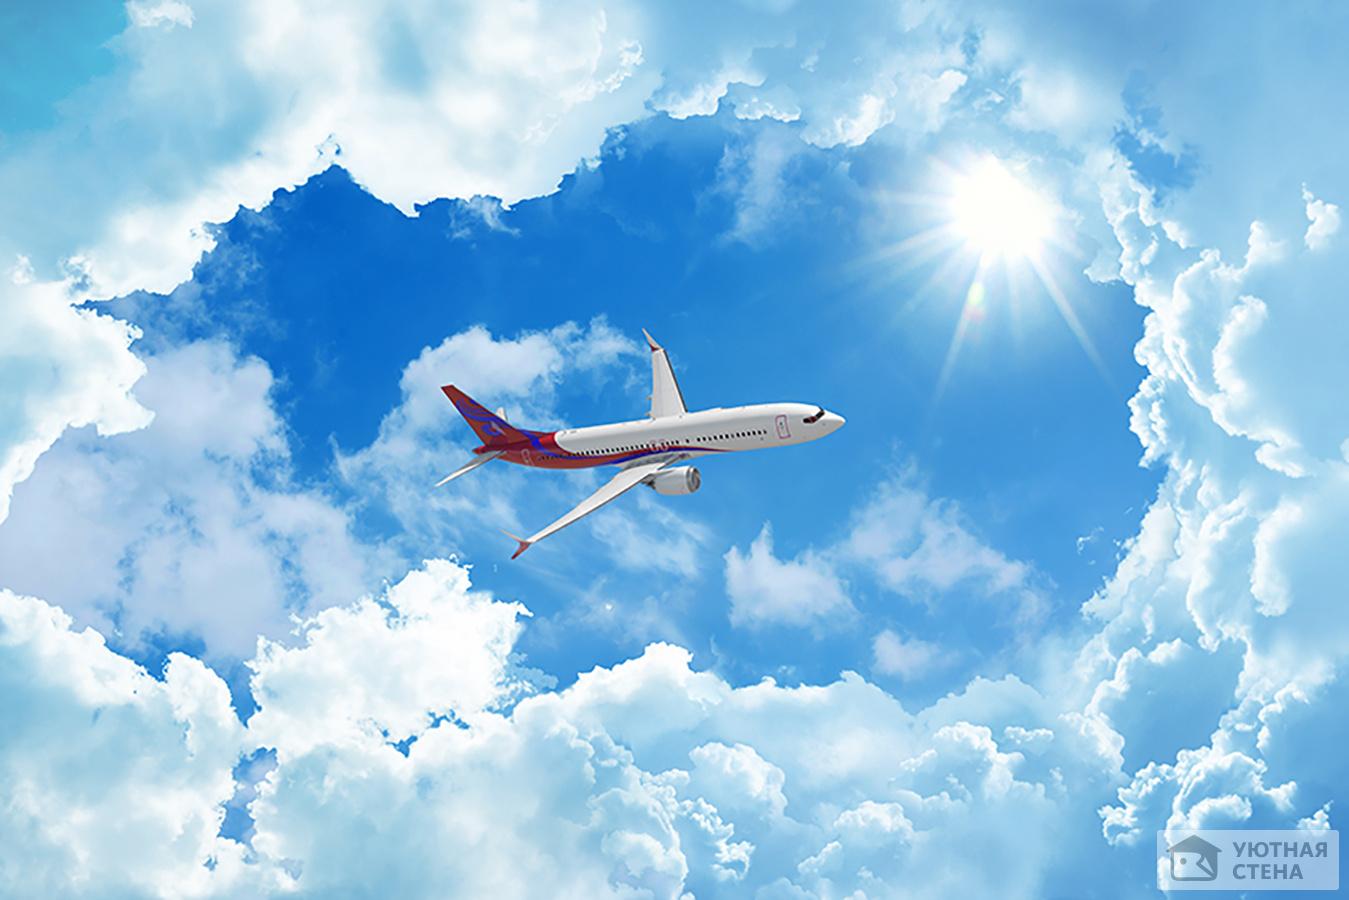 страна, смотреть картинки самолеты и небо мебель техника